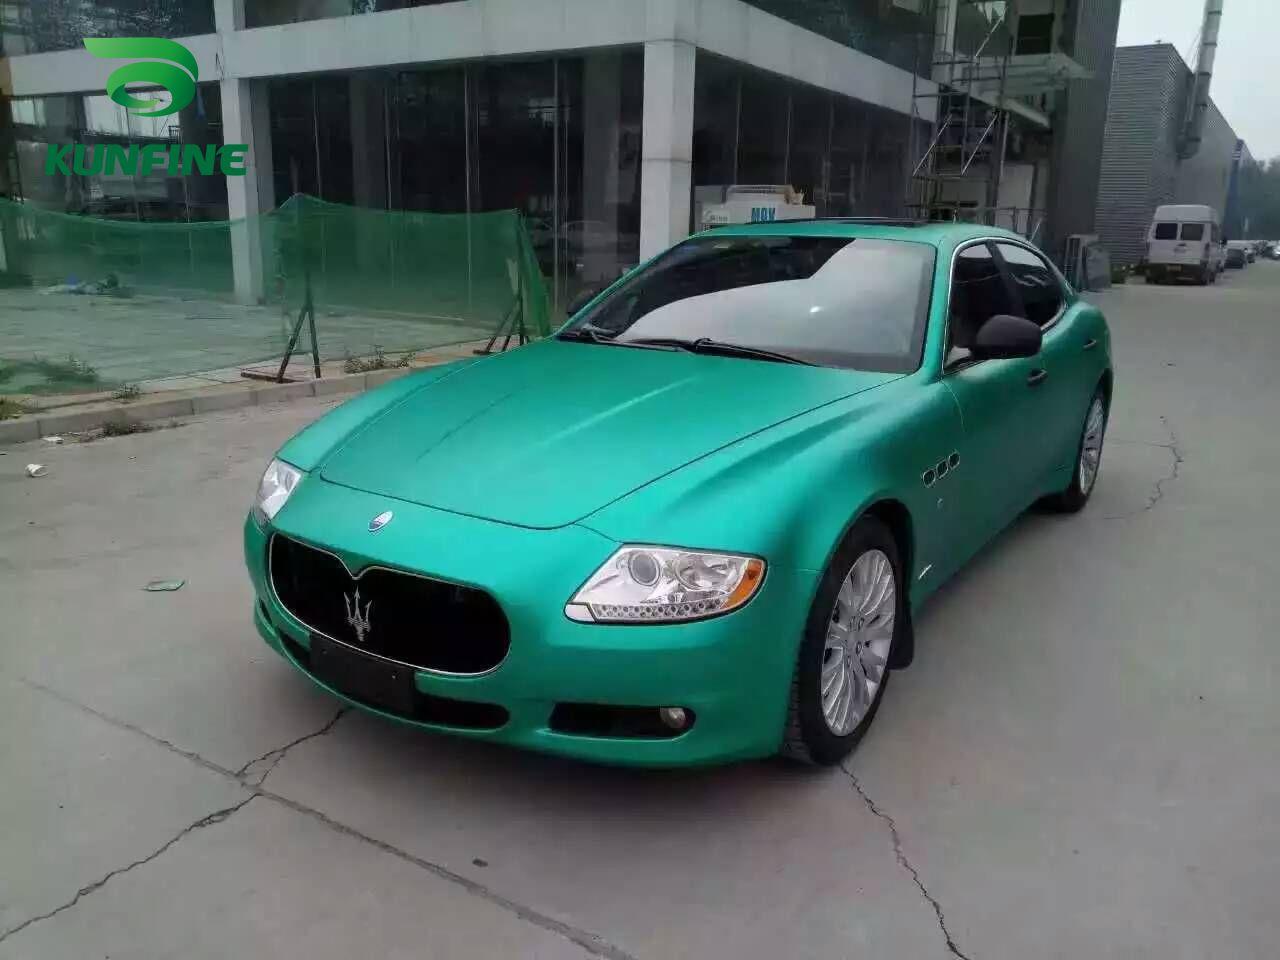 Araba Styling Wrap Matt Buz Yeşil Araba Vinil film Vücut Sticker Araç Wrap Ile Vehiche Motosiklet Için Hava Ücretsiz Kabarcık 1.52 * 20 M / Rulo KF-F1068